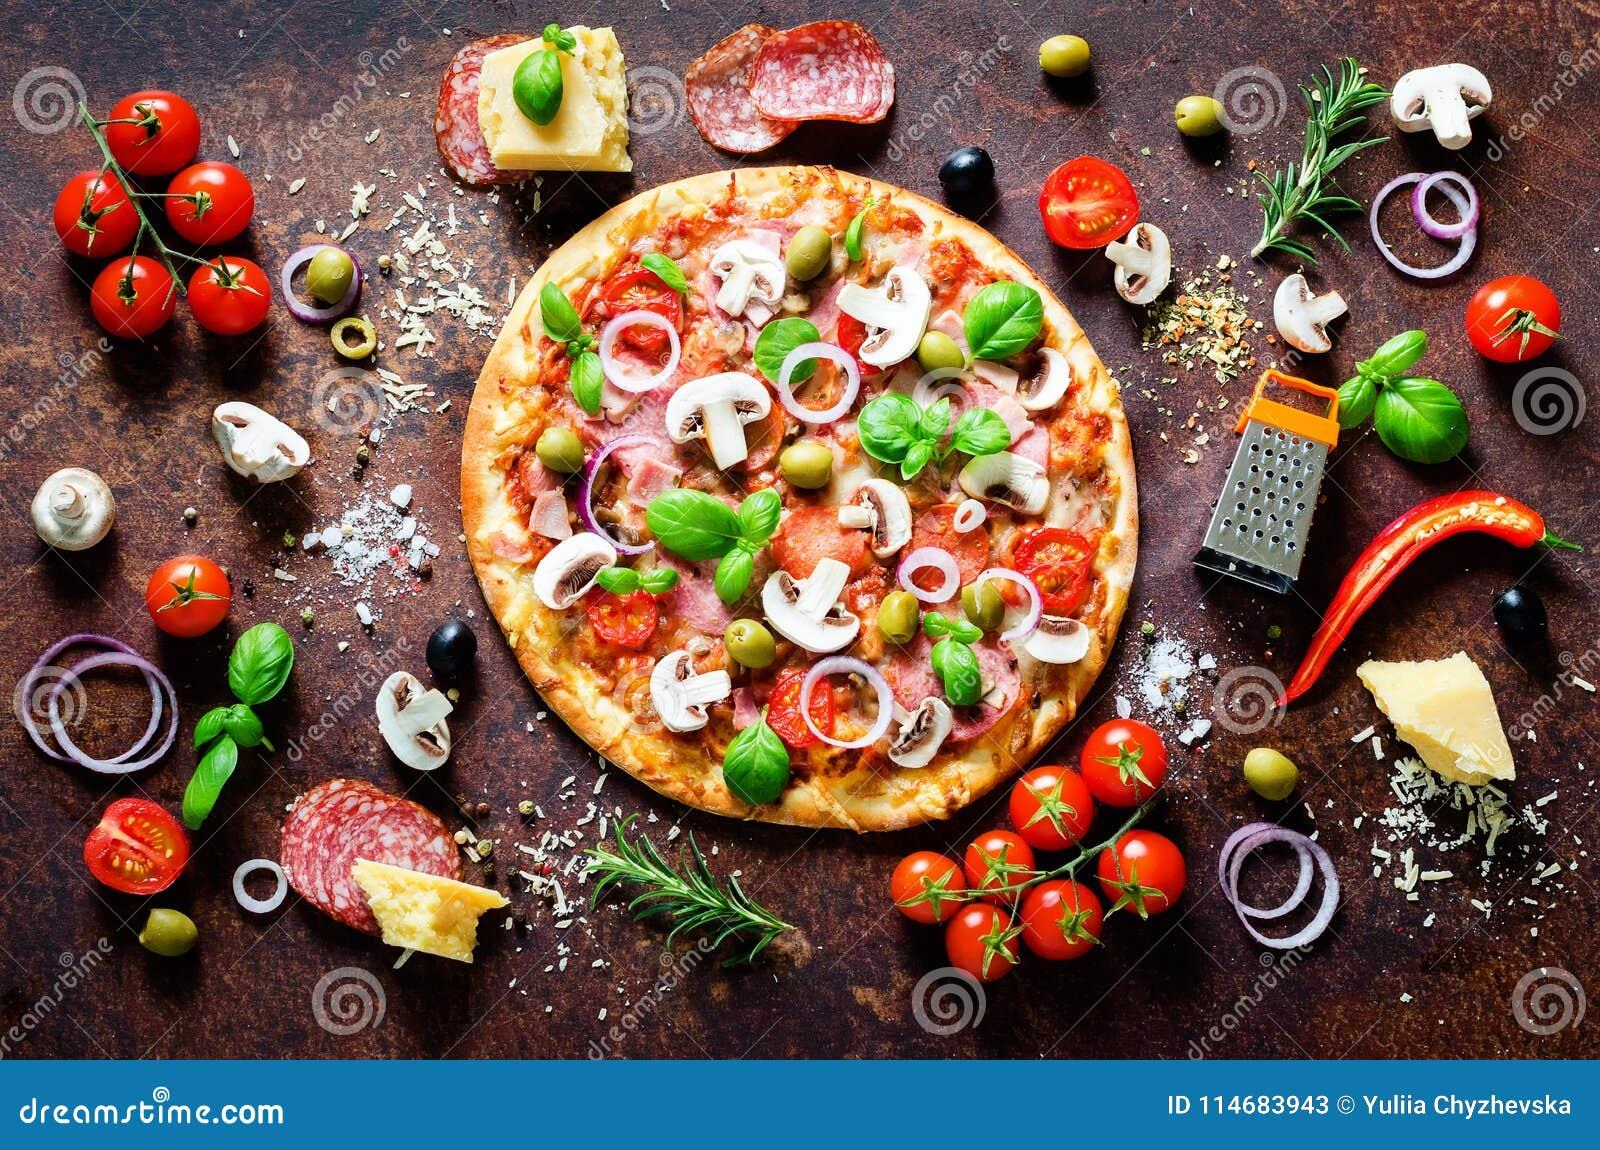 Ingredientes alimentarios y especias para cocinar la pizza italiana deliciosa Setas, tomates, queso, cebolla, aceite, pimienta, s